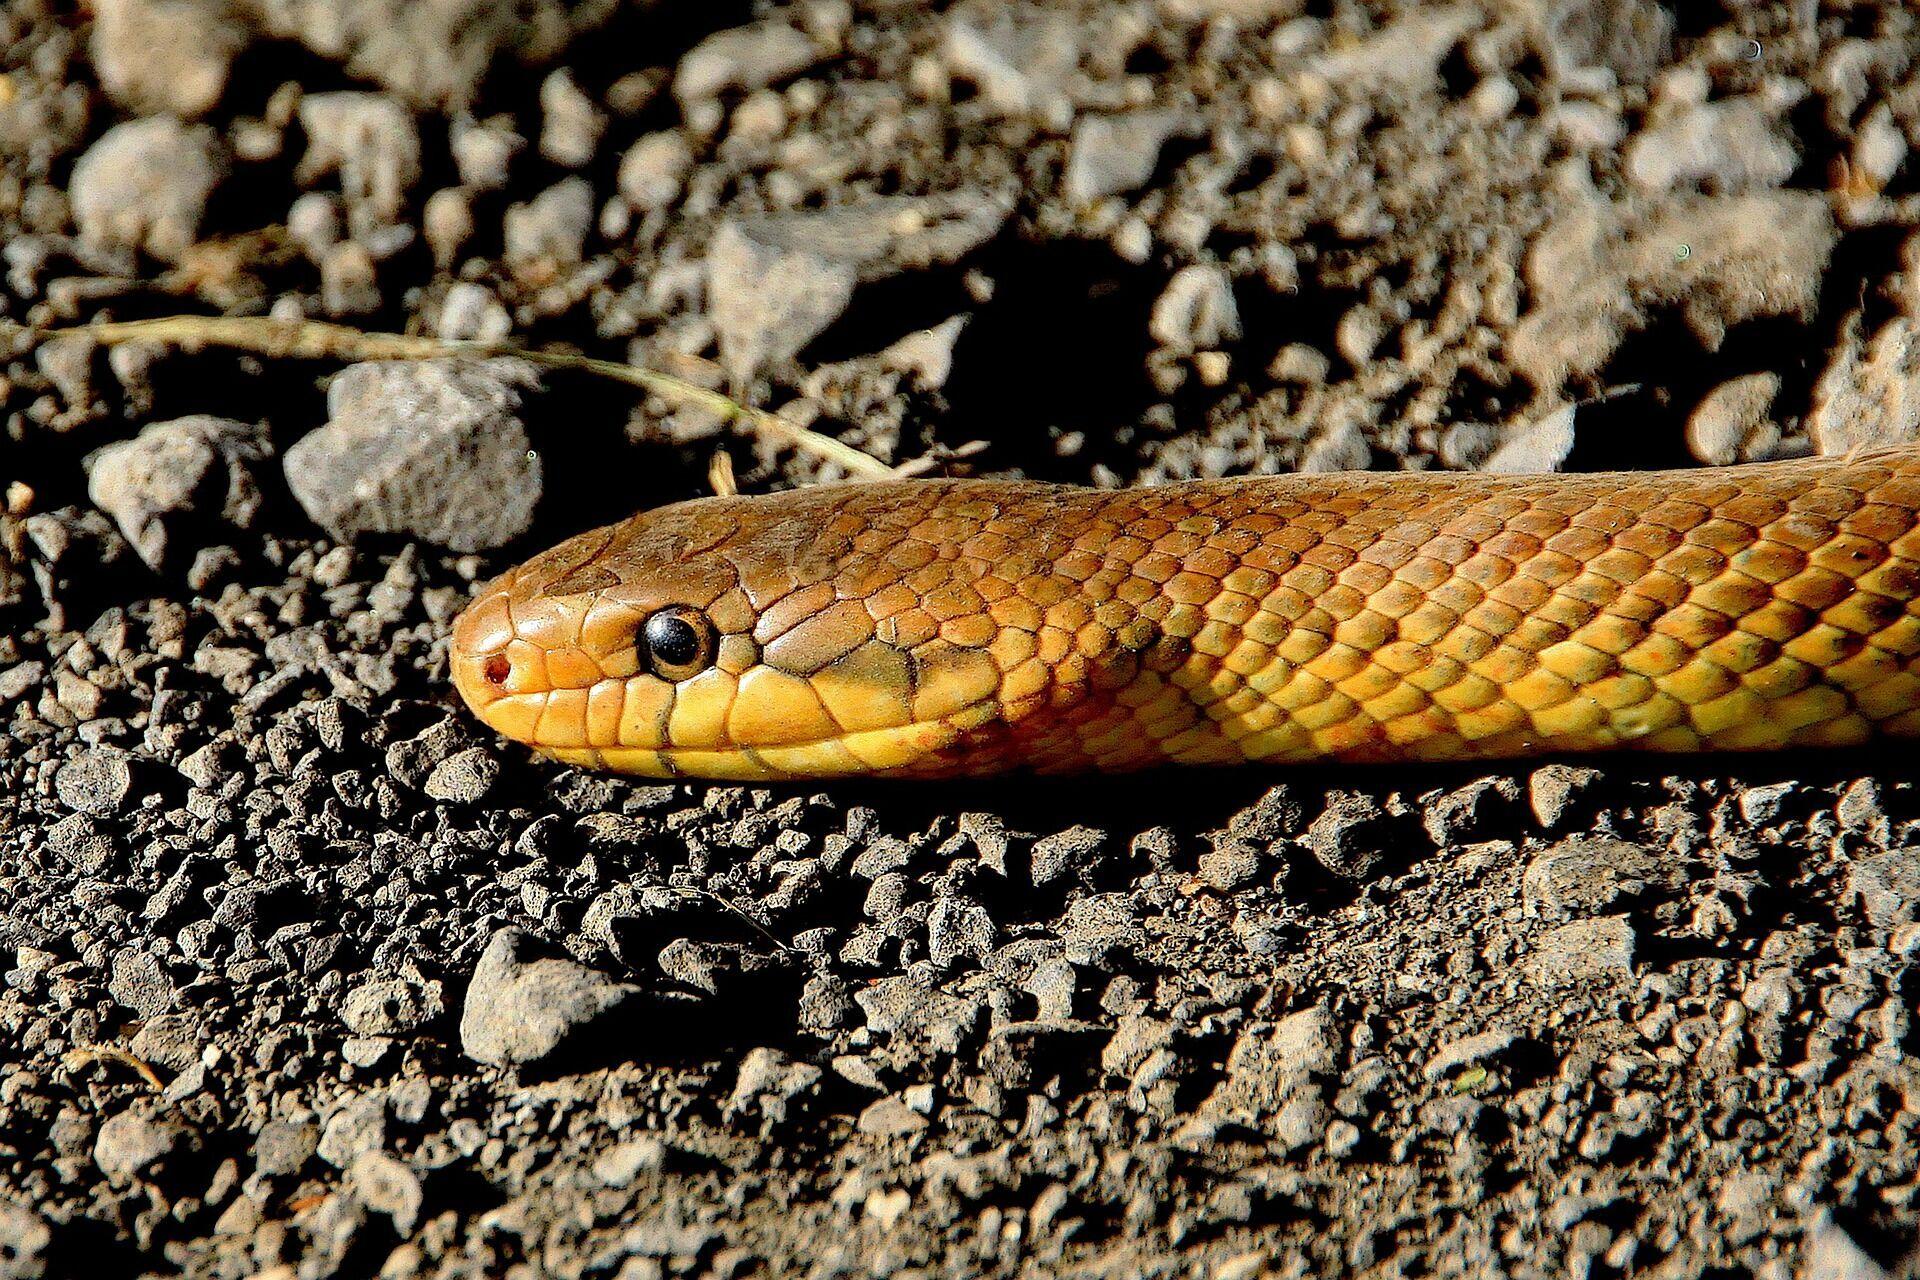 """12 червня змії виповзають зі своїх нір на """"зміїне весілля"""""""